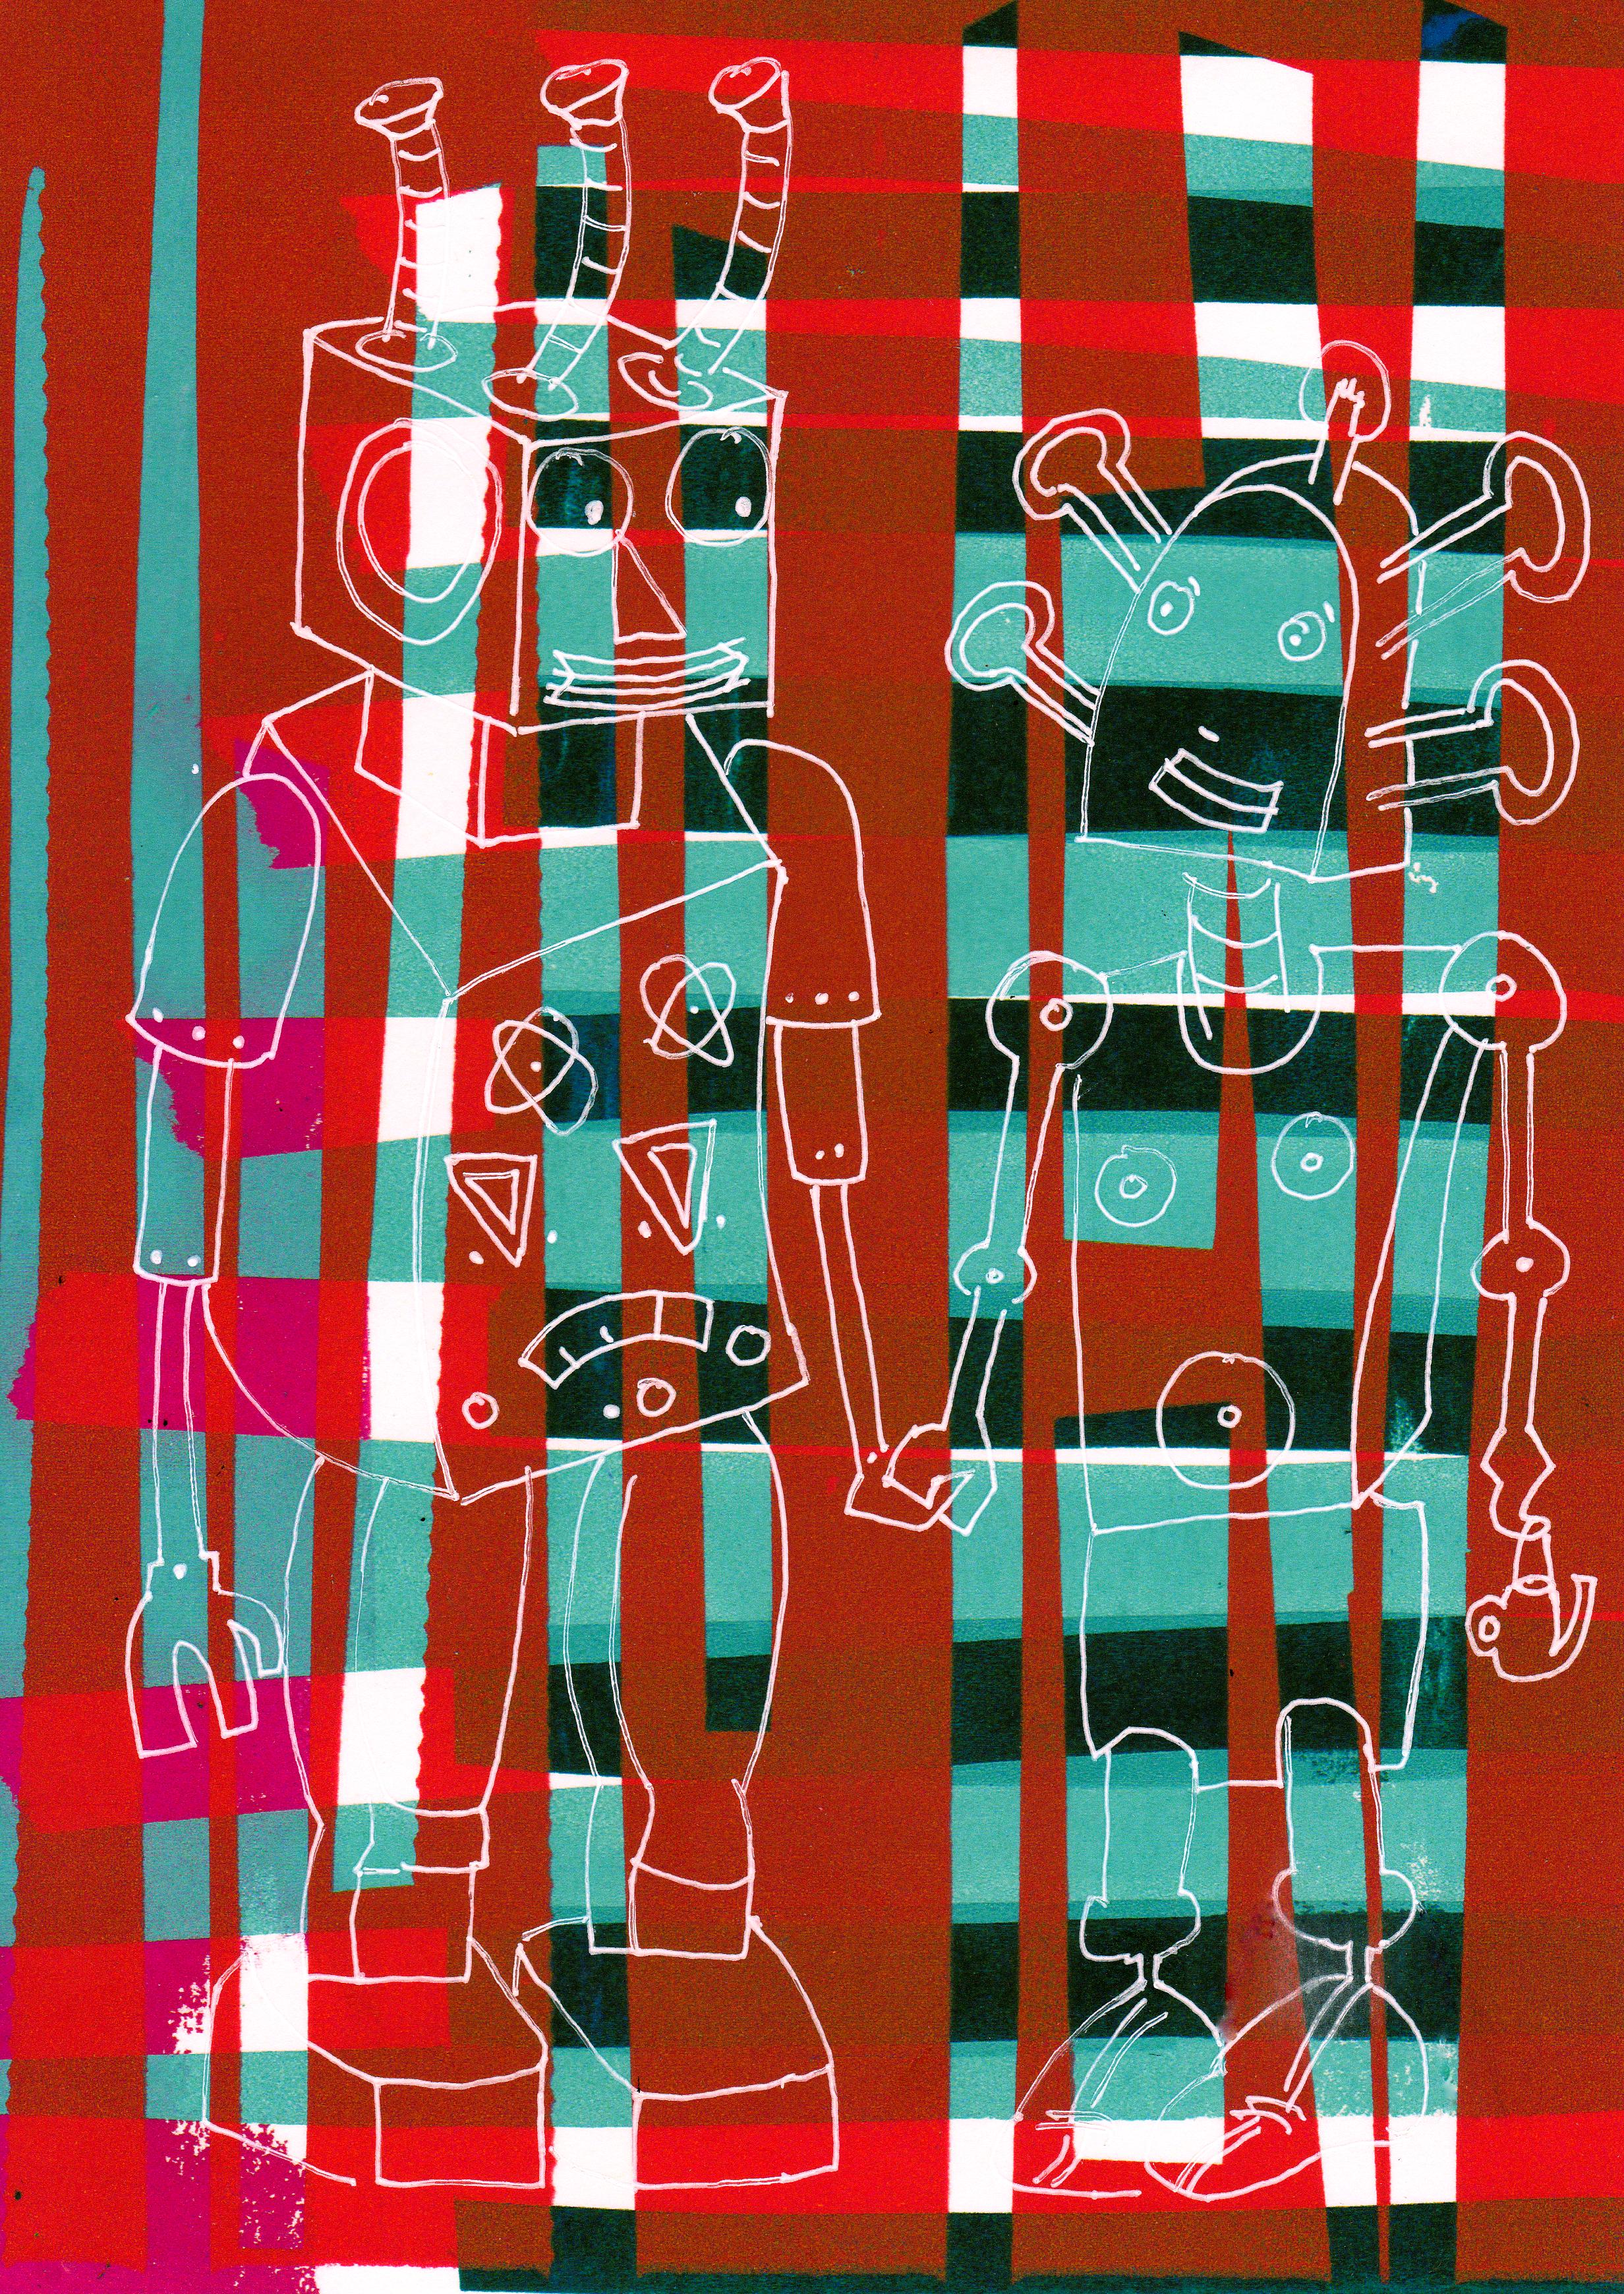 201119-Robot-2